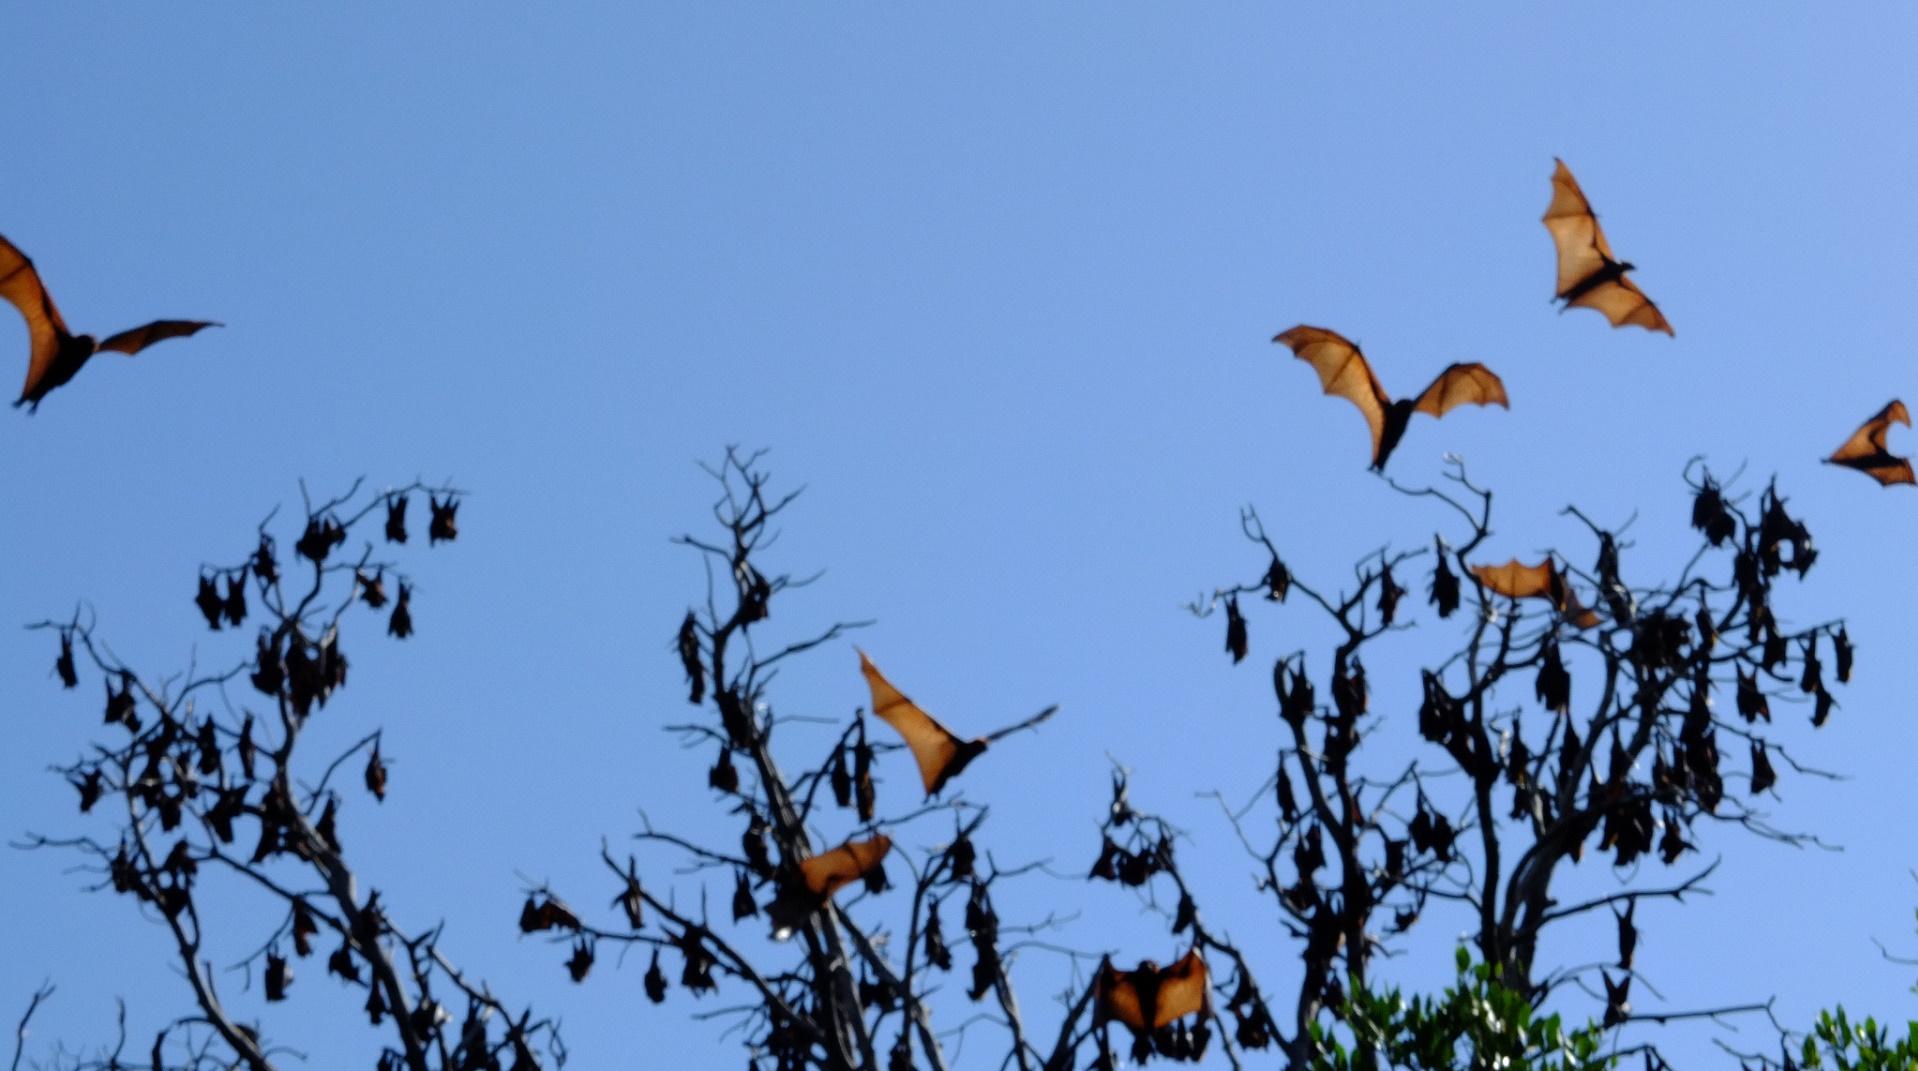 Inteligencia artificial para descifrar el código de los murciélagos